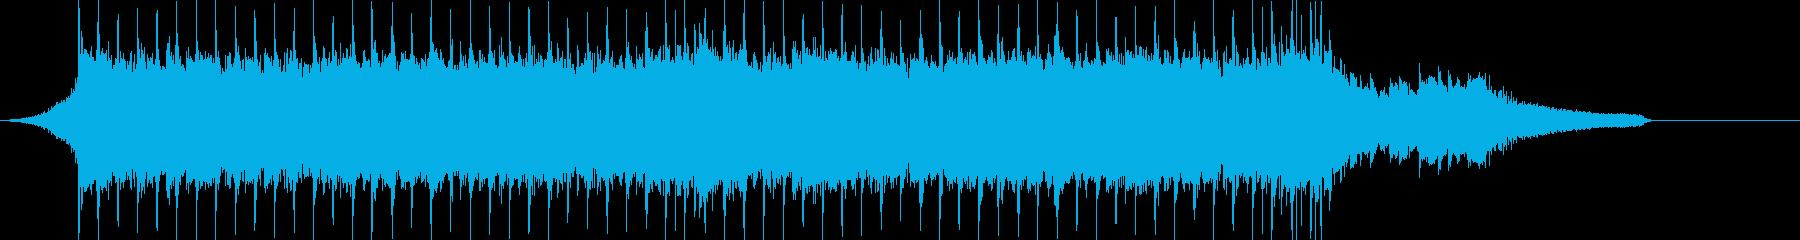 企業VP系51、ギター、4つ打ちロックcの再生済みの波形